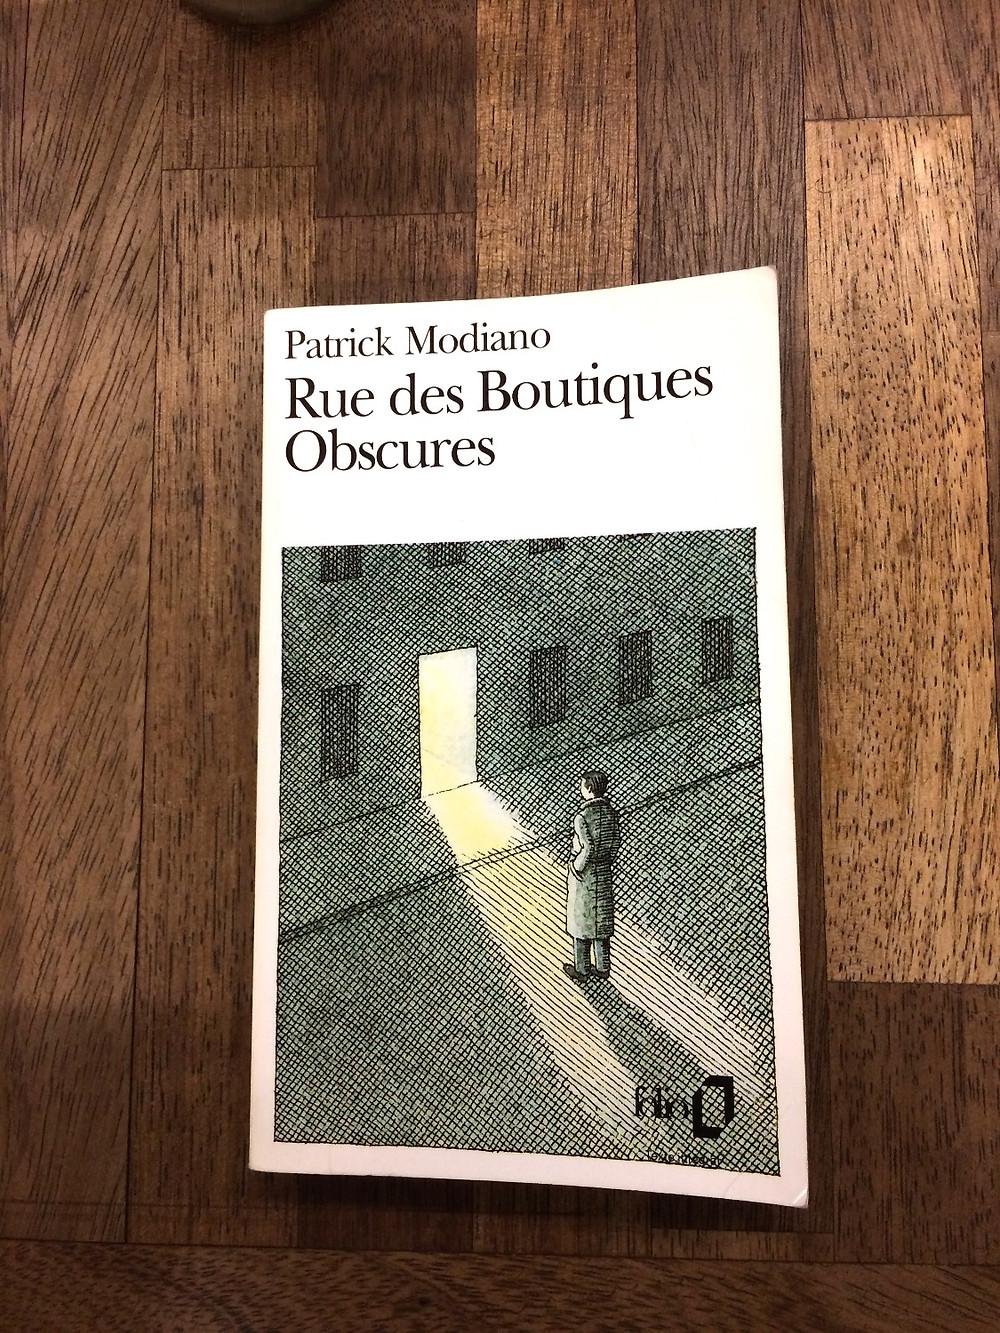 """Photo du livre """"Rue des Boutiques Obscures"""" de Patrick Modiano (1)"""